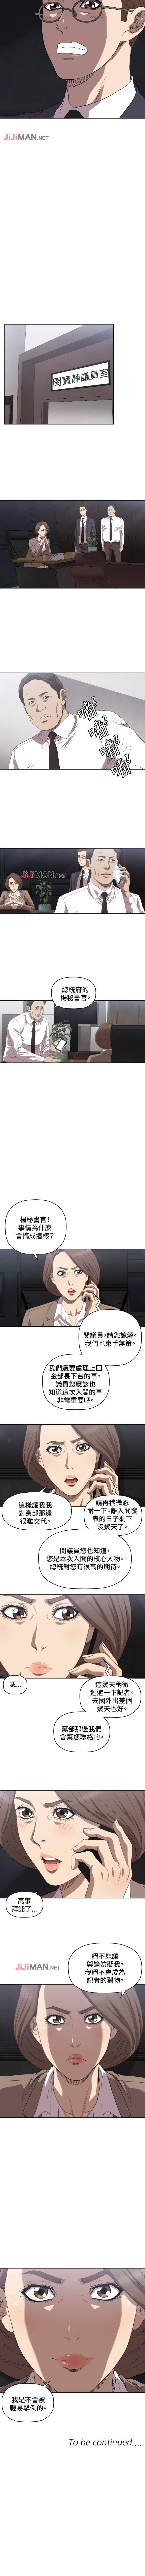 【已完结】索多玛俱乐部(作者:何藝媛&庫奈尼) 第1~32话 40